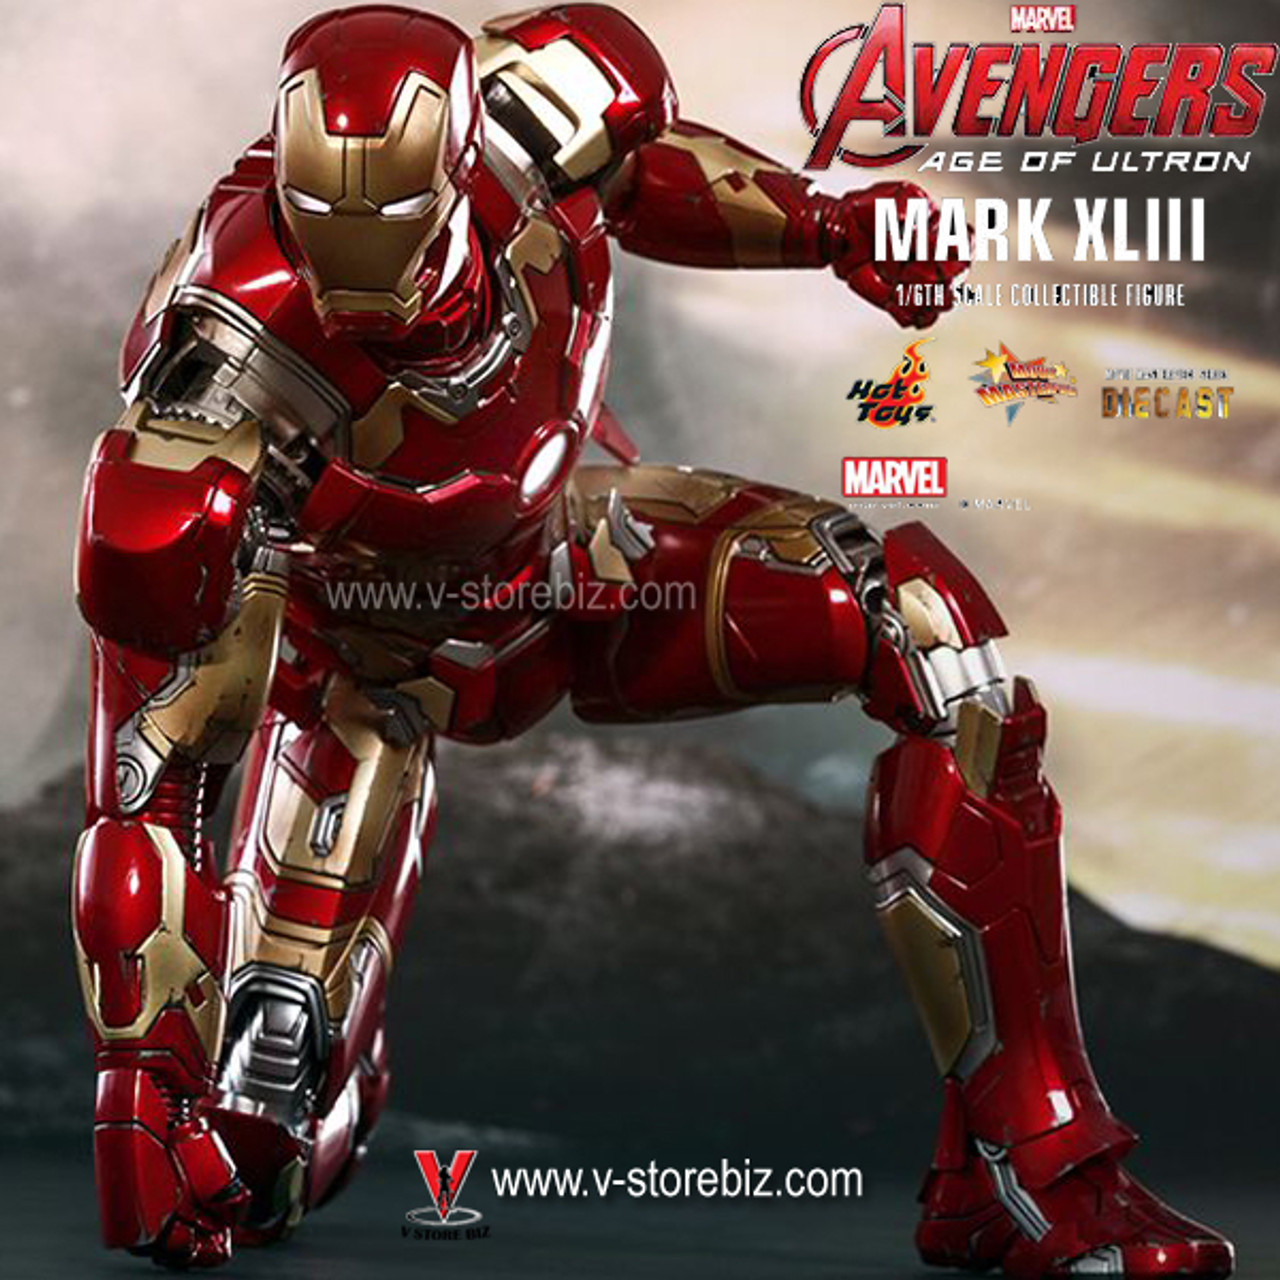 Hot Toys MMS461D21 Iron Man 2 Mark 4 IV Diecast 1//6 Tony Stark Downley Ready